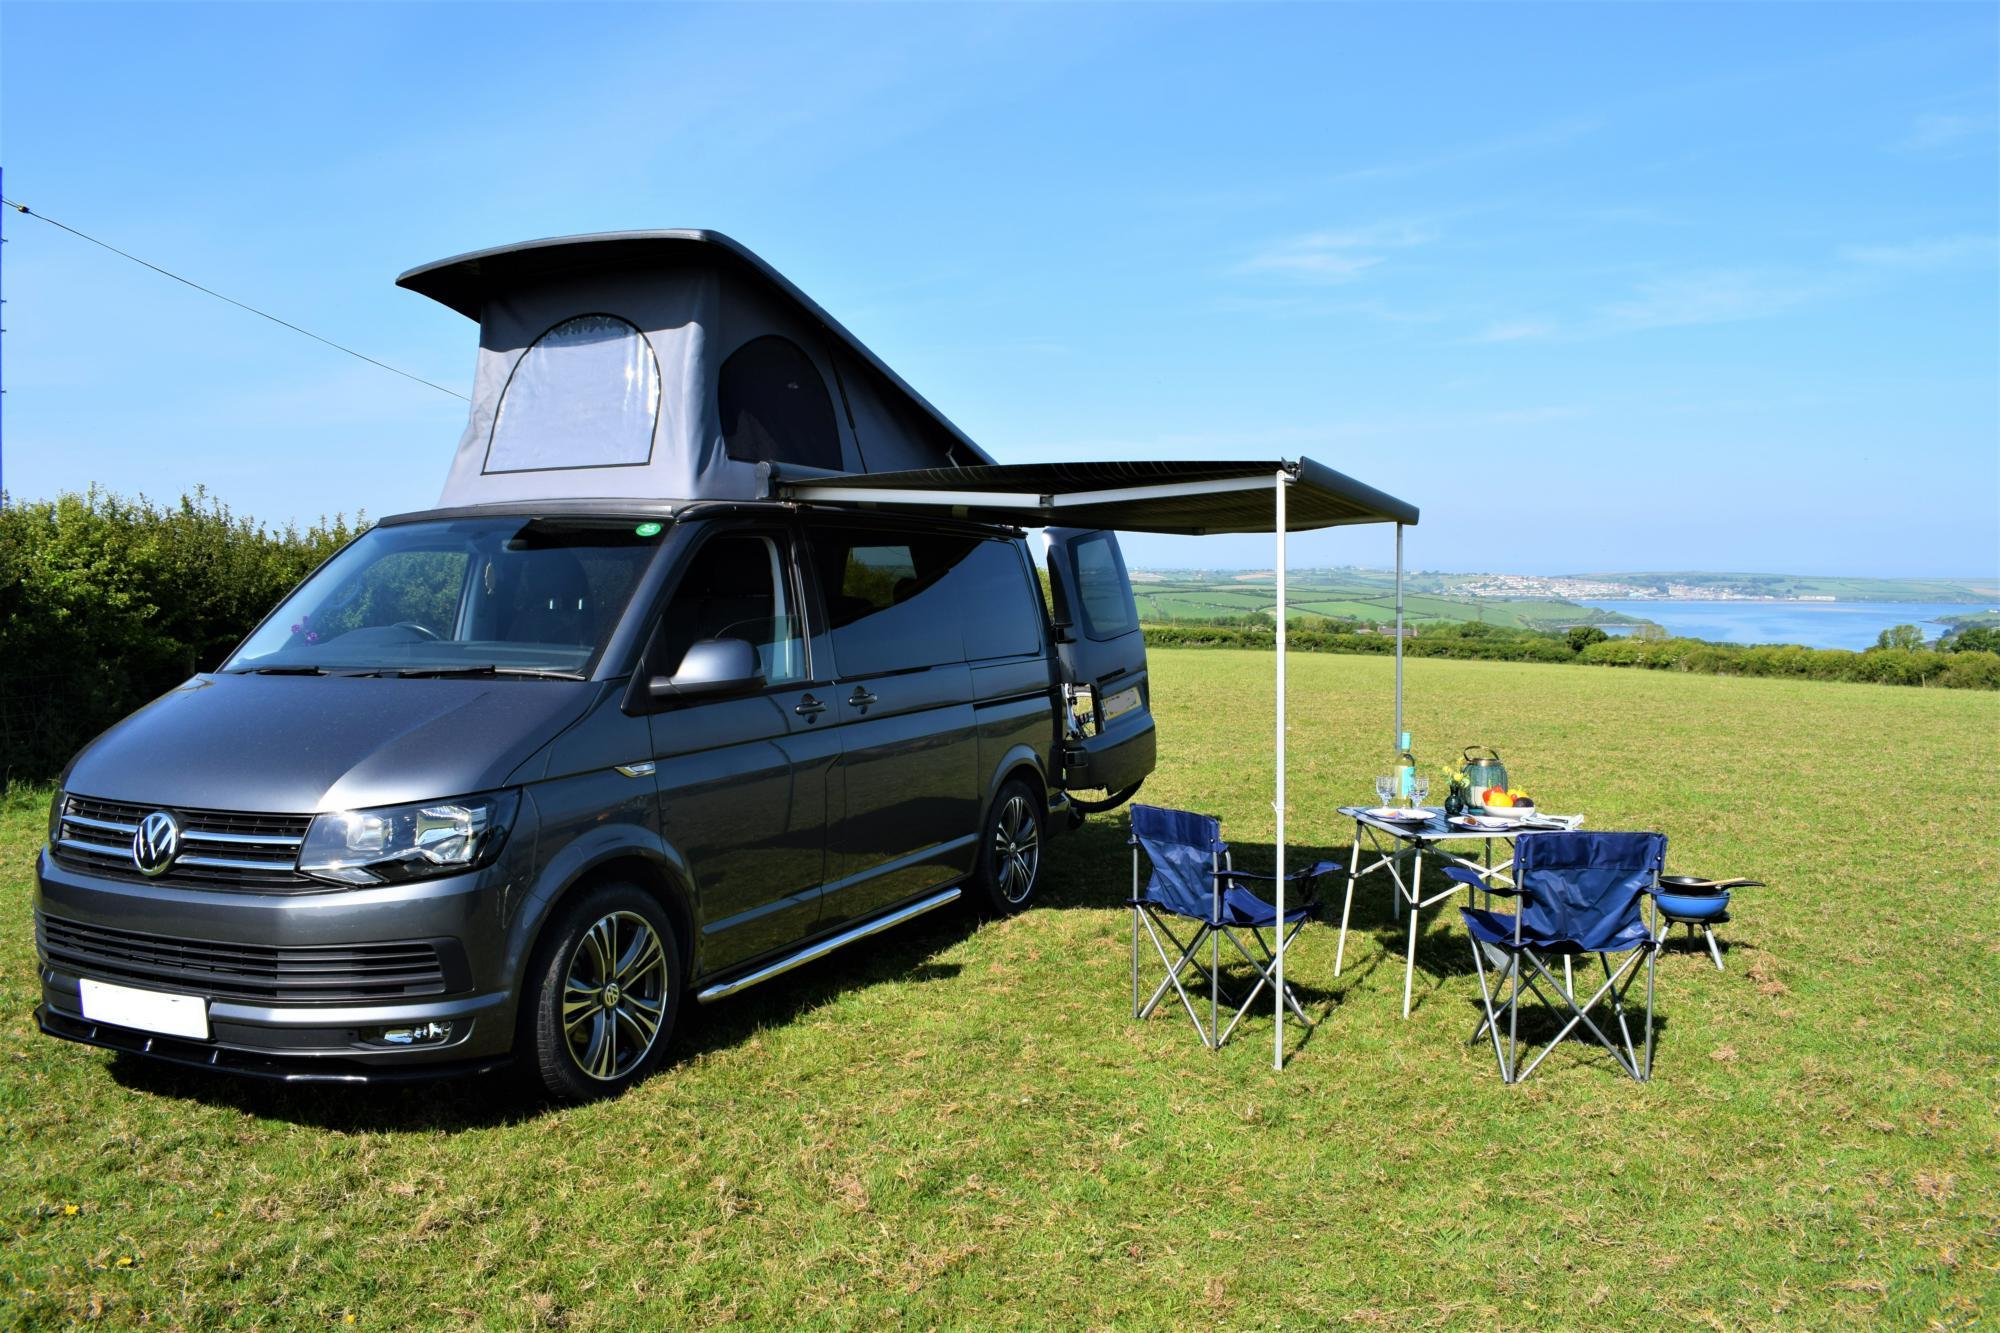 Campervan Hire in Wadebridge | Motorhome Rental in Wadebridge